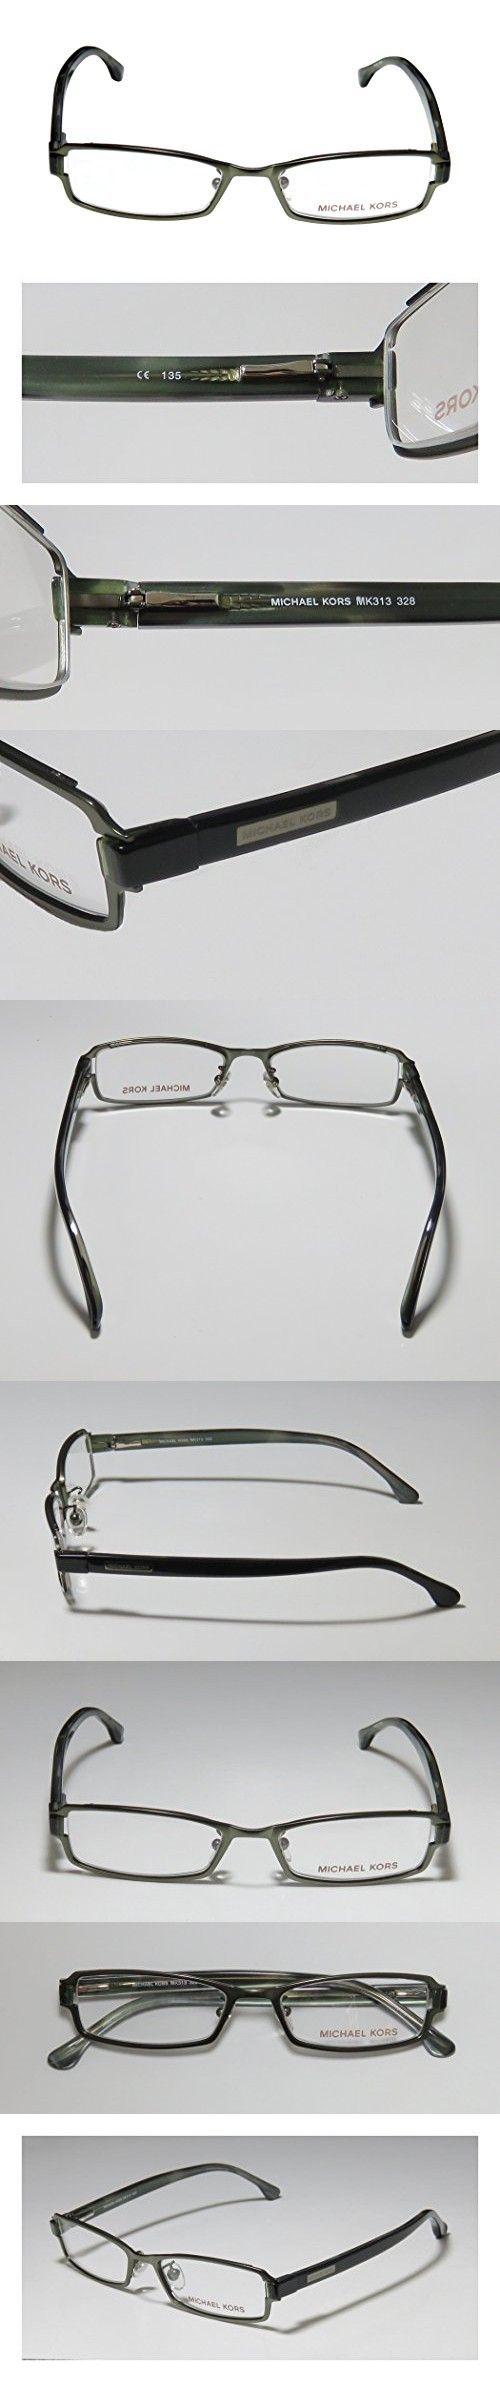 Michael Kors 313 Womens/Ladies Designer Full-rim Flexible Hinges Eyeglasses/Eyeglass Frame (50-17-135, Fern / Dark Green)